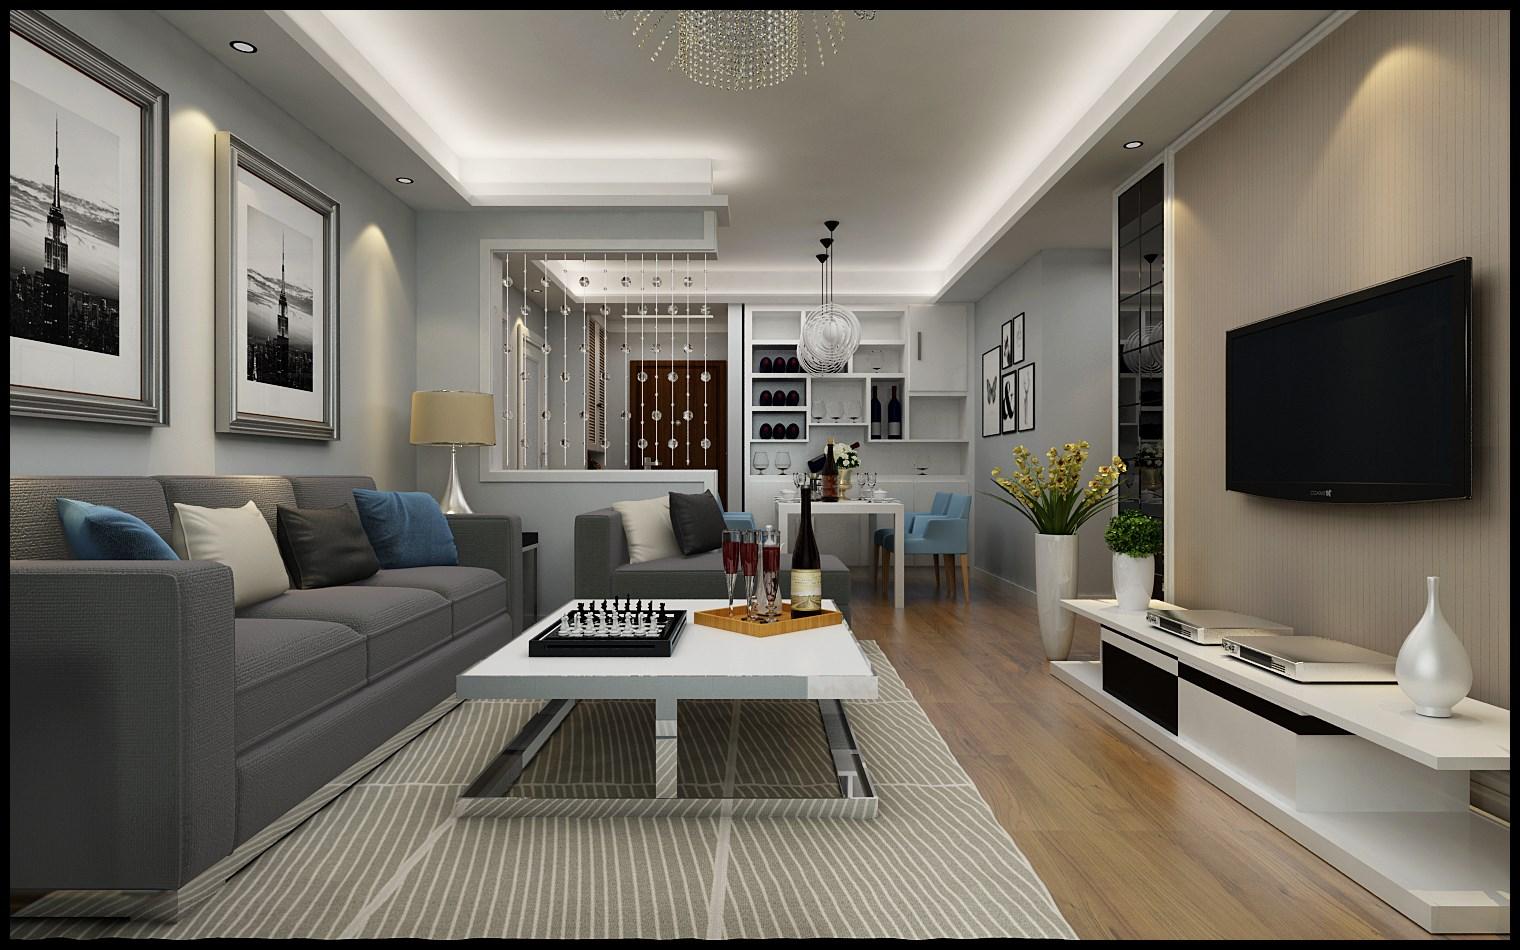 【誉巢装饰】室内装修设计,大气又时尚的新家就该这样